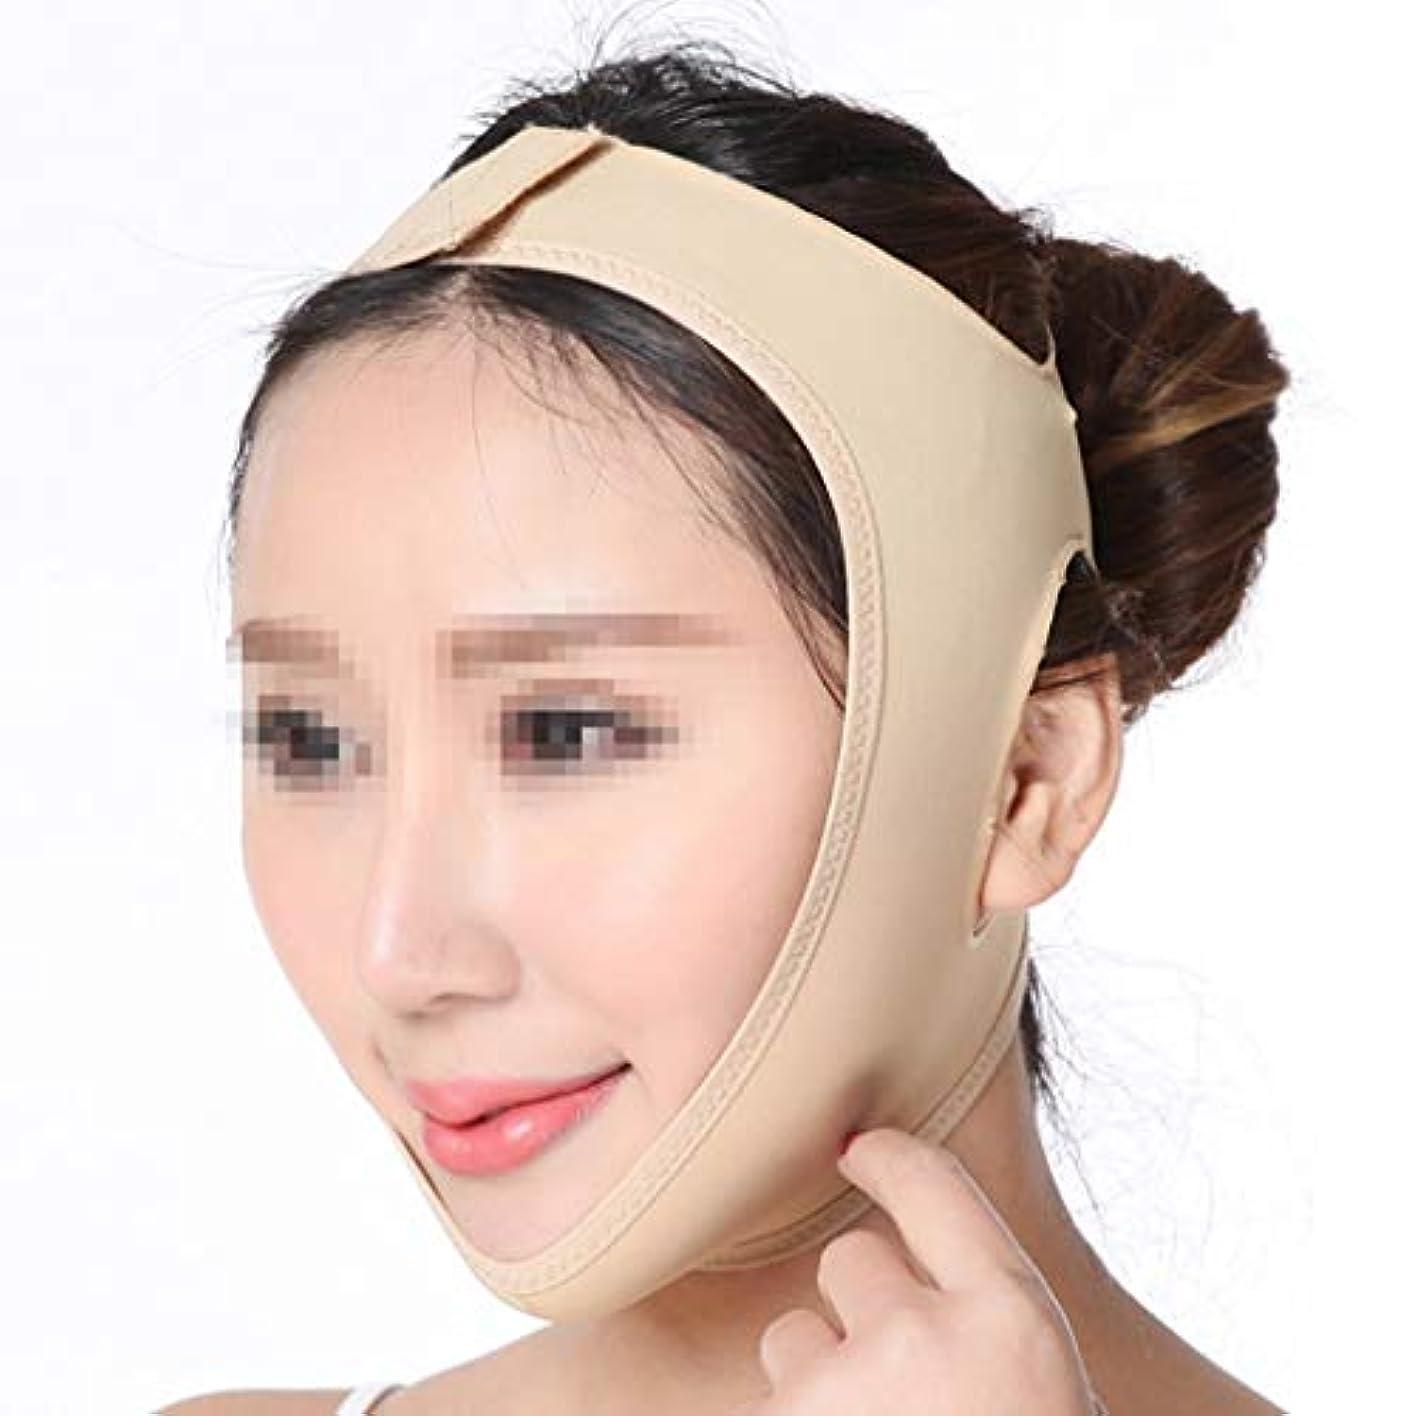 増加する落花生ウォルターカニンガムフェイスリフティング包帯、Vフェイス薄型フェイスマスクフェイスリフティング包帯リフティングVフェイスマスク (Size : M)